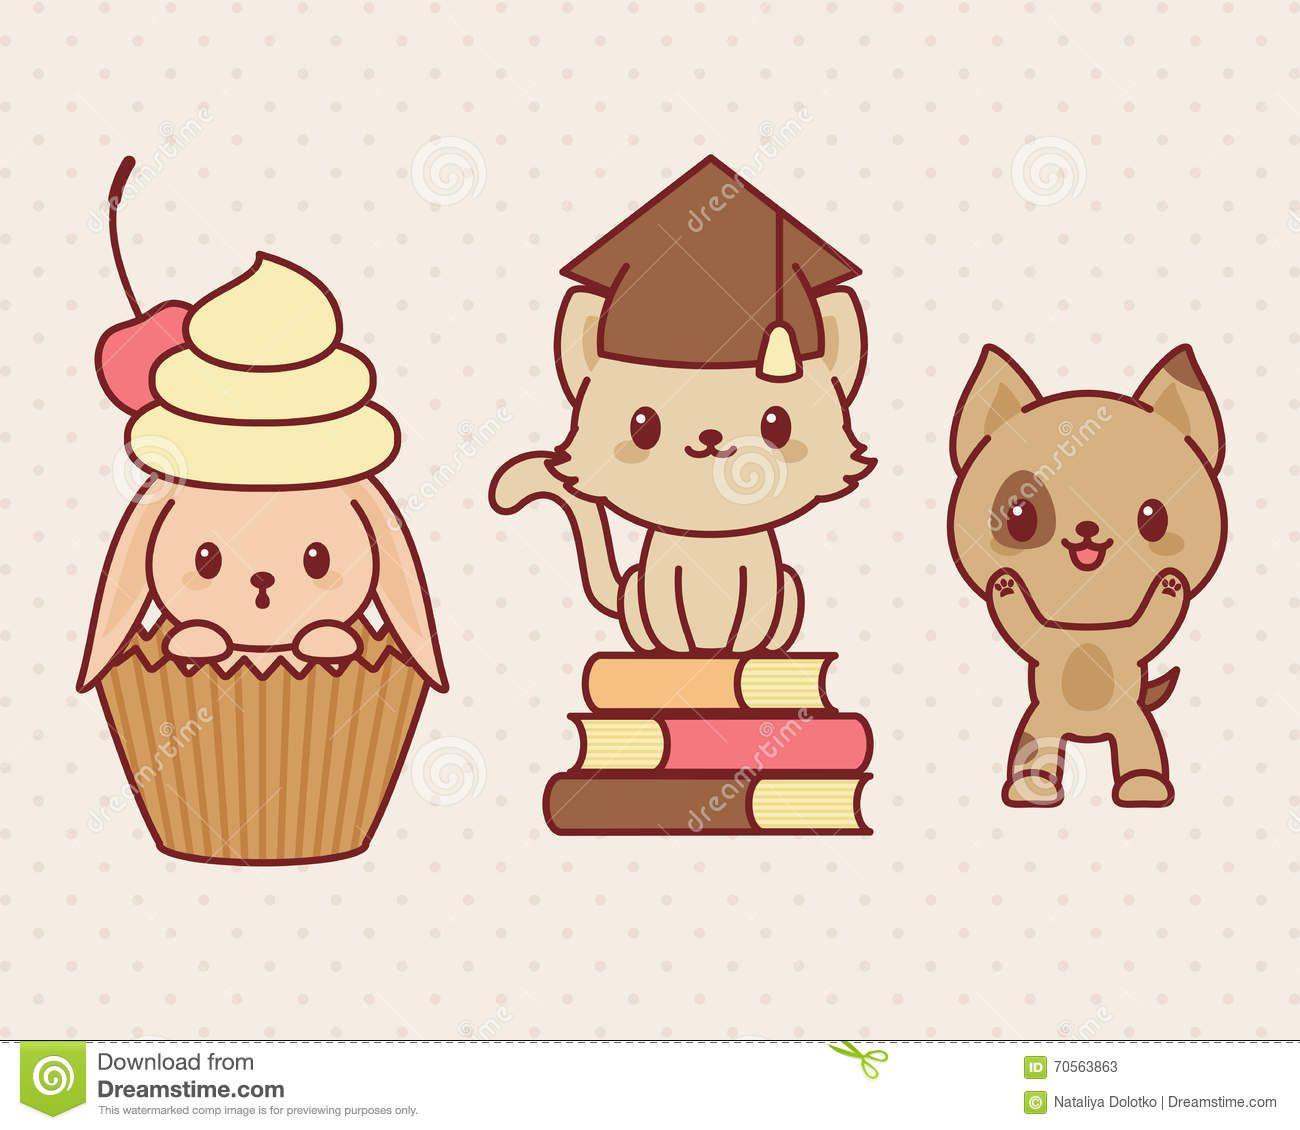 Totoro Cute Wallpaper Resultado De Imagen Para Imagenes De Animales Kawaii